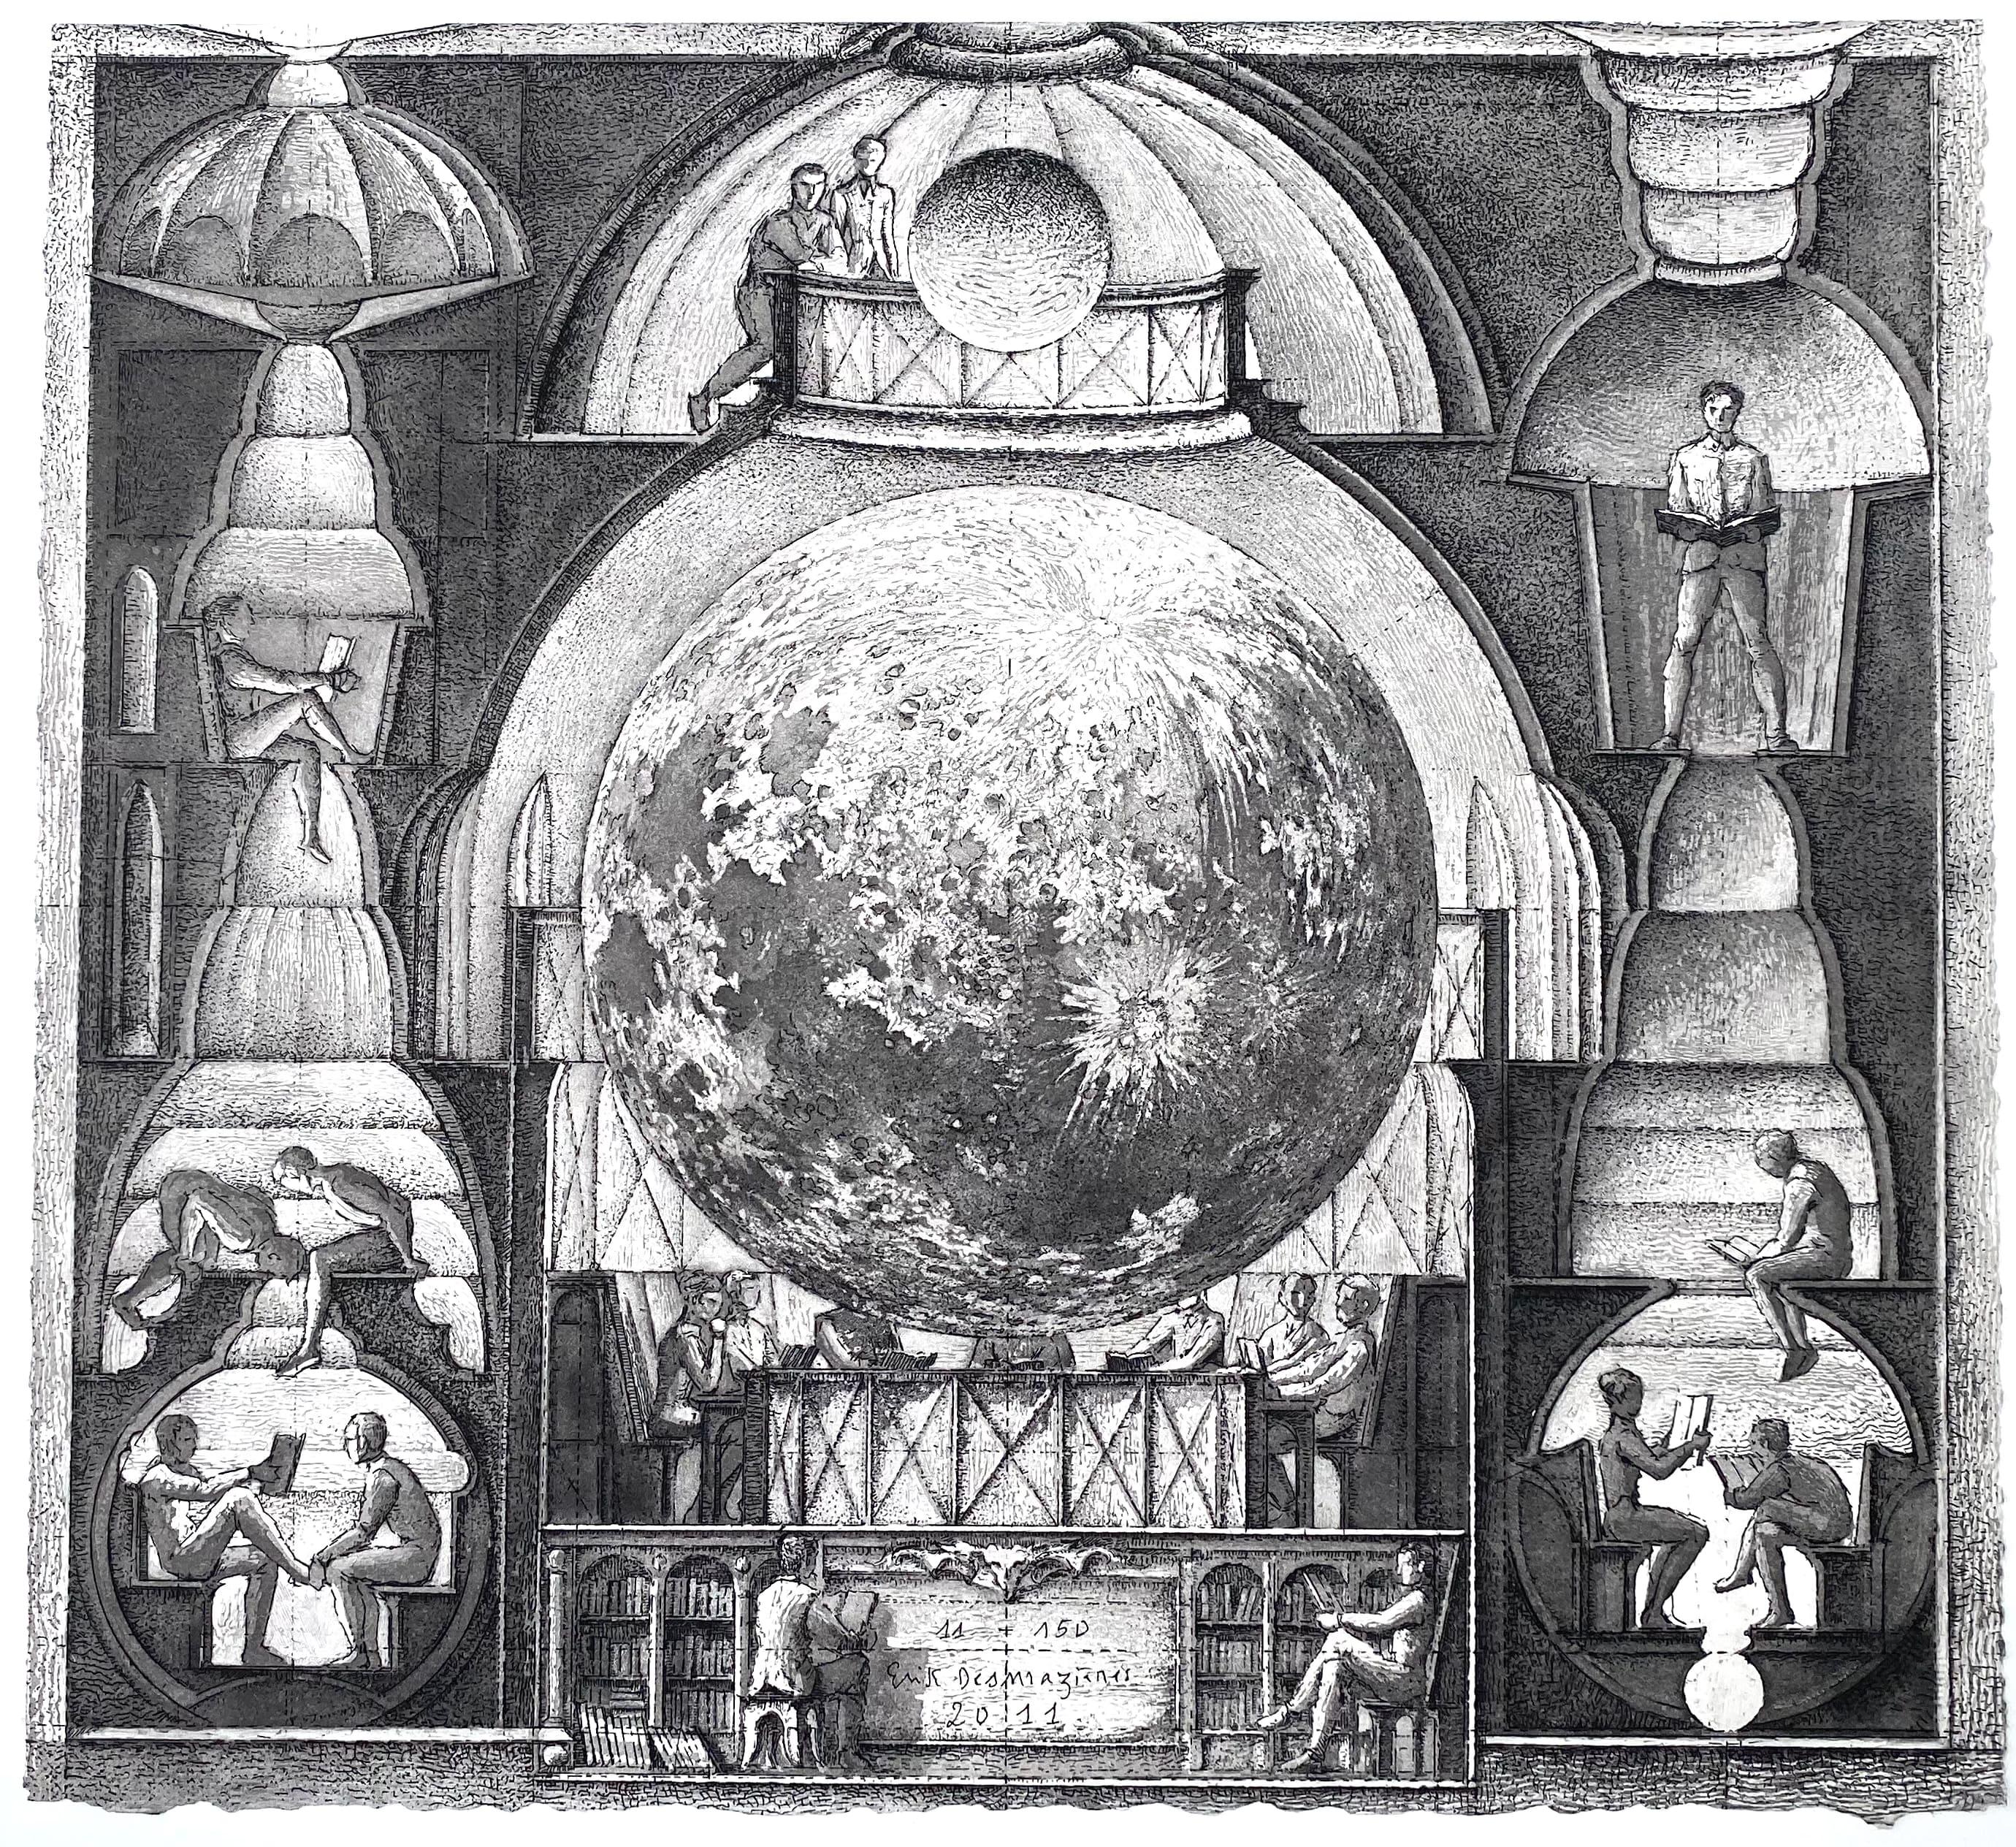 Erik Desmaziere - La Lune en ses quartiers